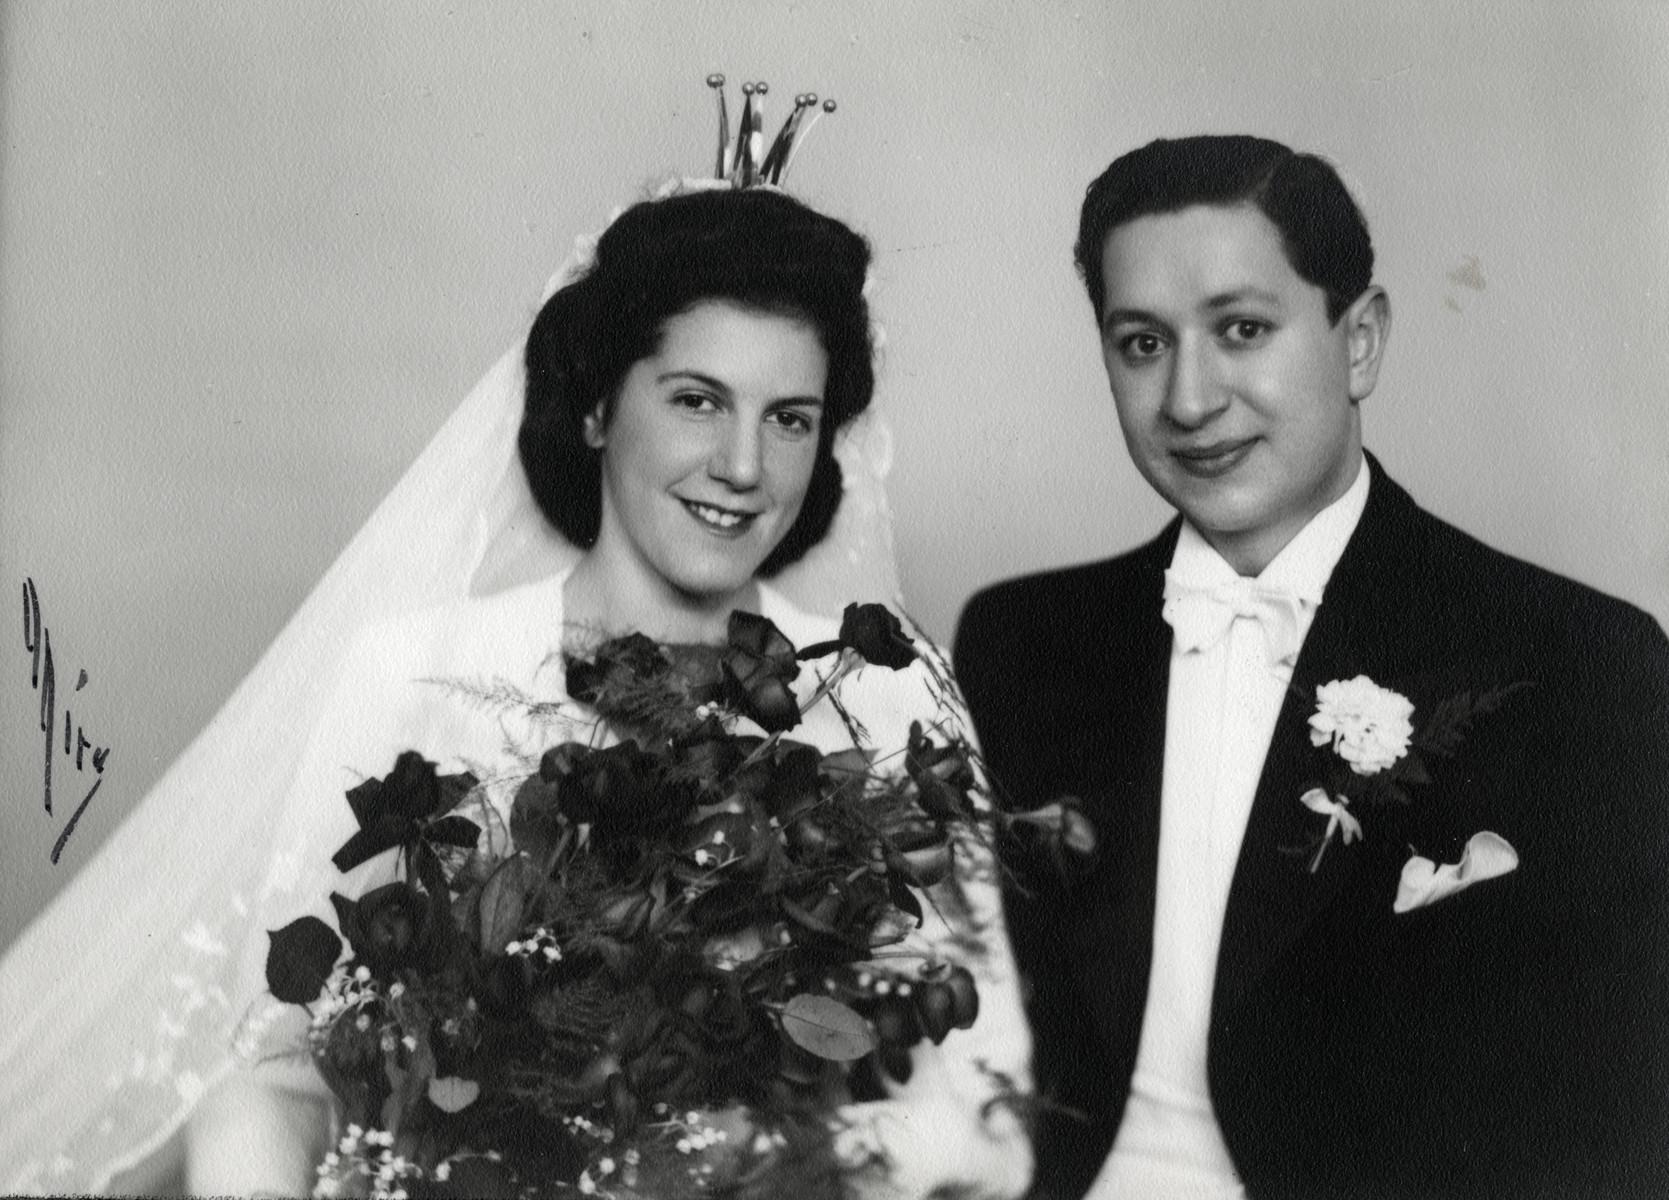 Wedding portrait of Astrid Newmann and Elias Feigen.